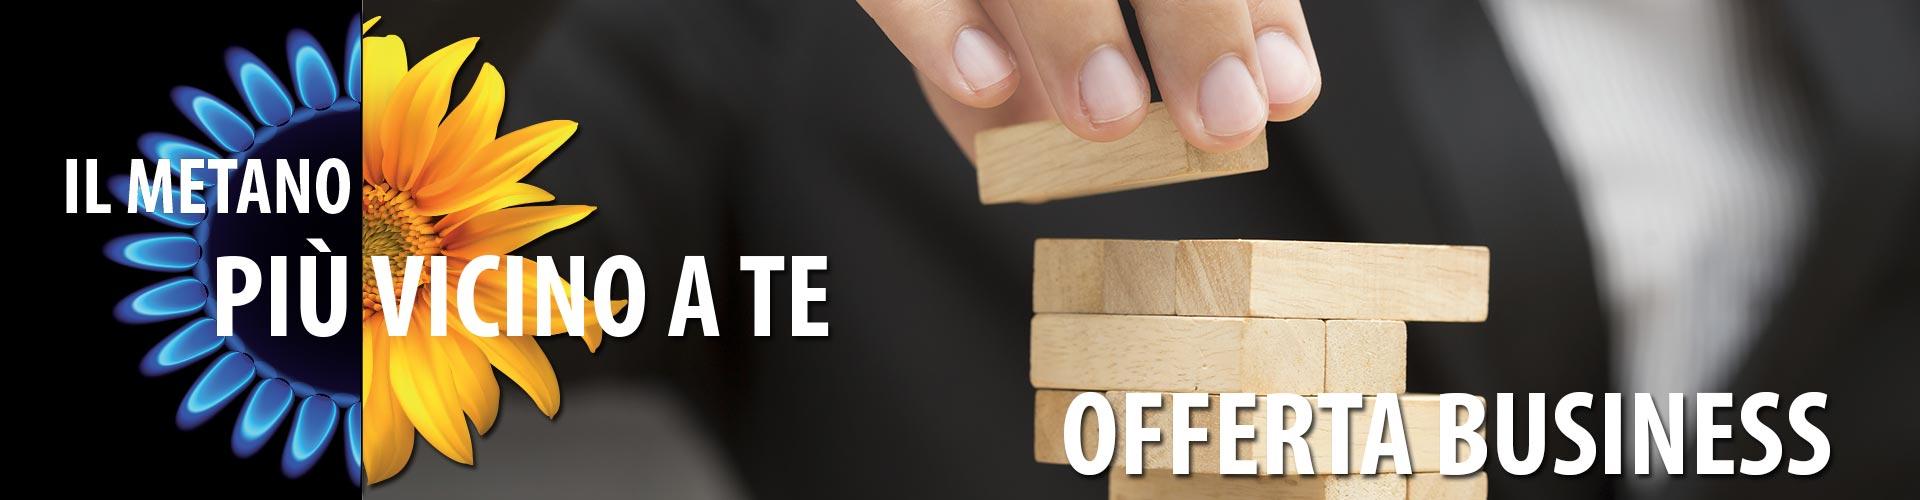 offerta-business